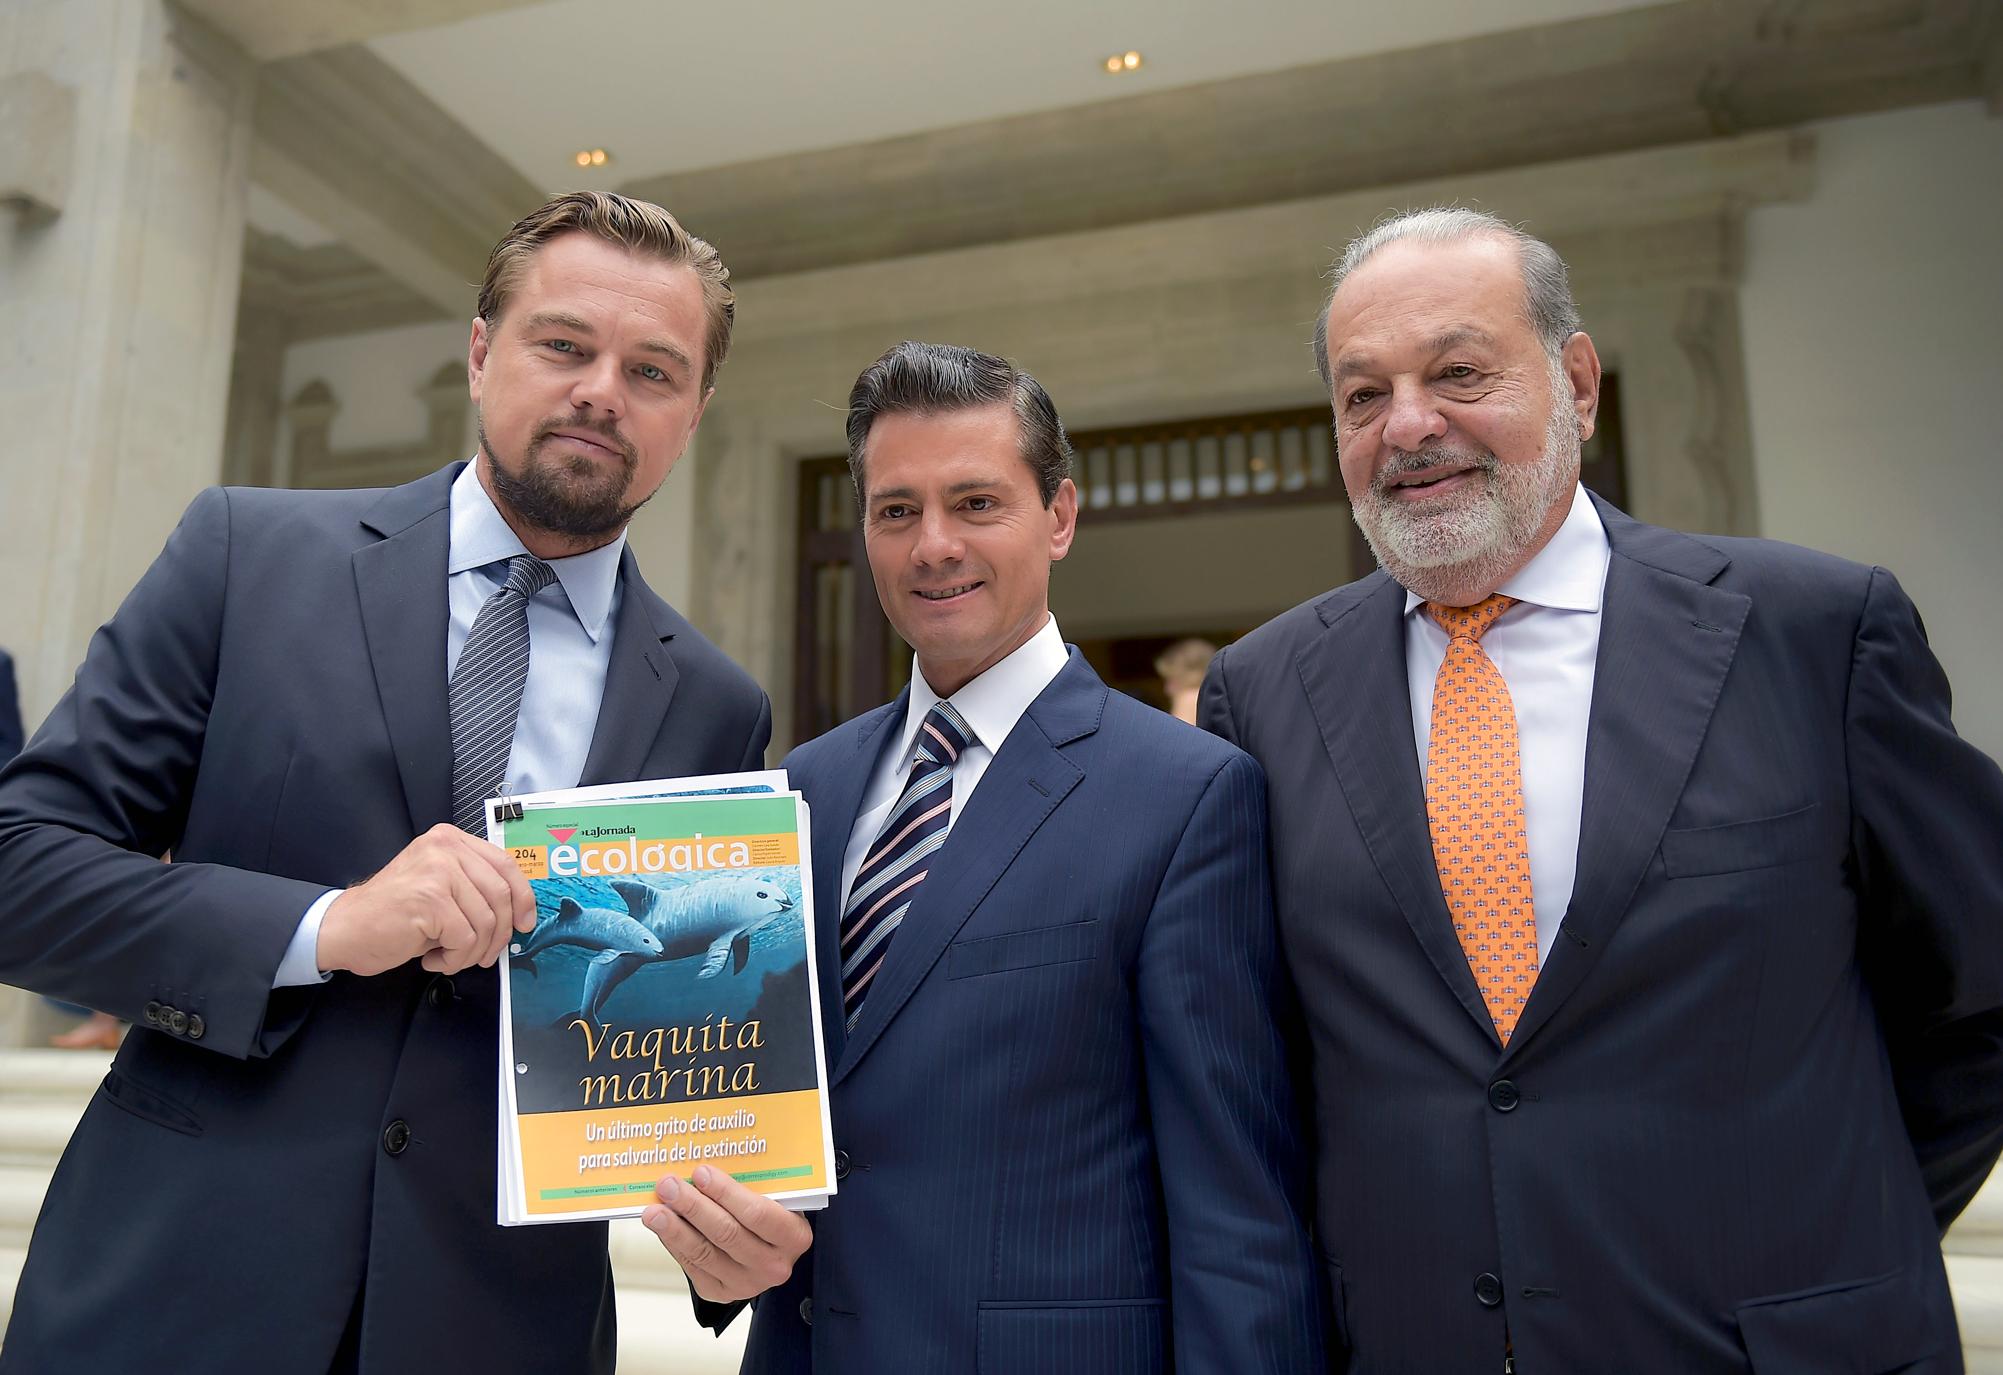 Se dará seguimiento al Memorándum de Entendimiento por el cual se acordó adquirir mayores compromisos para proteger los ecosistemas marinos en el Golfo de California, firmado por el Presidente Enrique Peña Nieto, Leonardo DiCaprio y Carlos Slim.